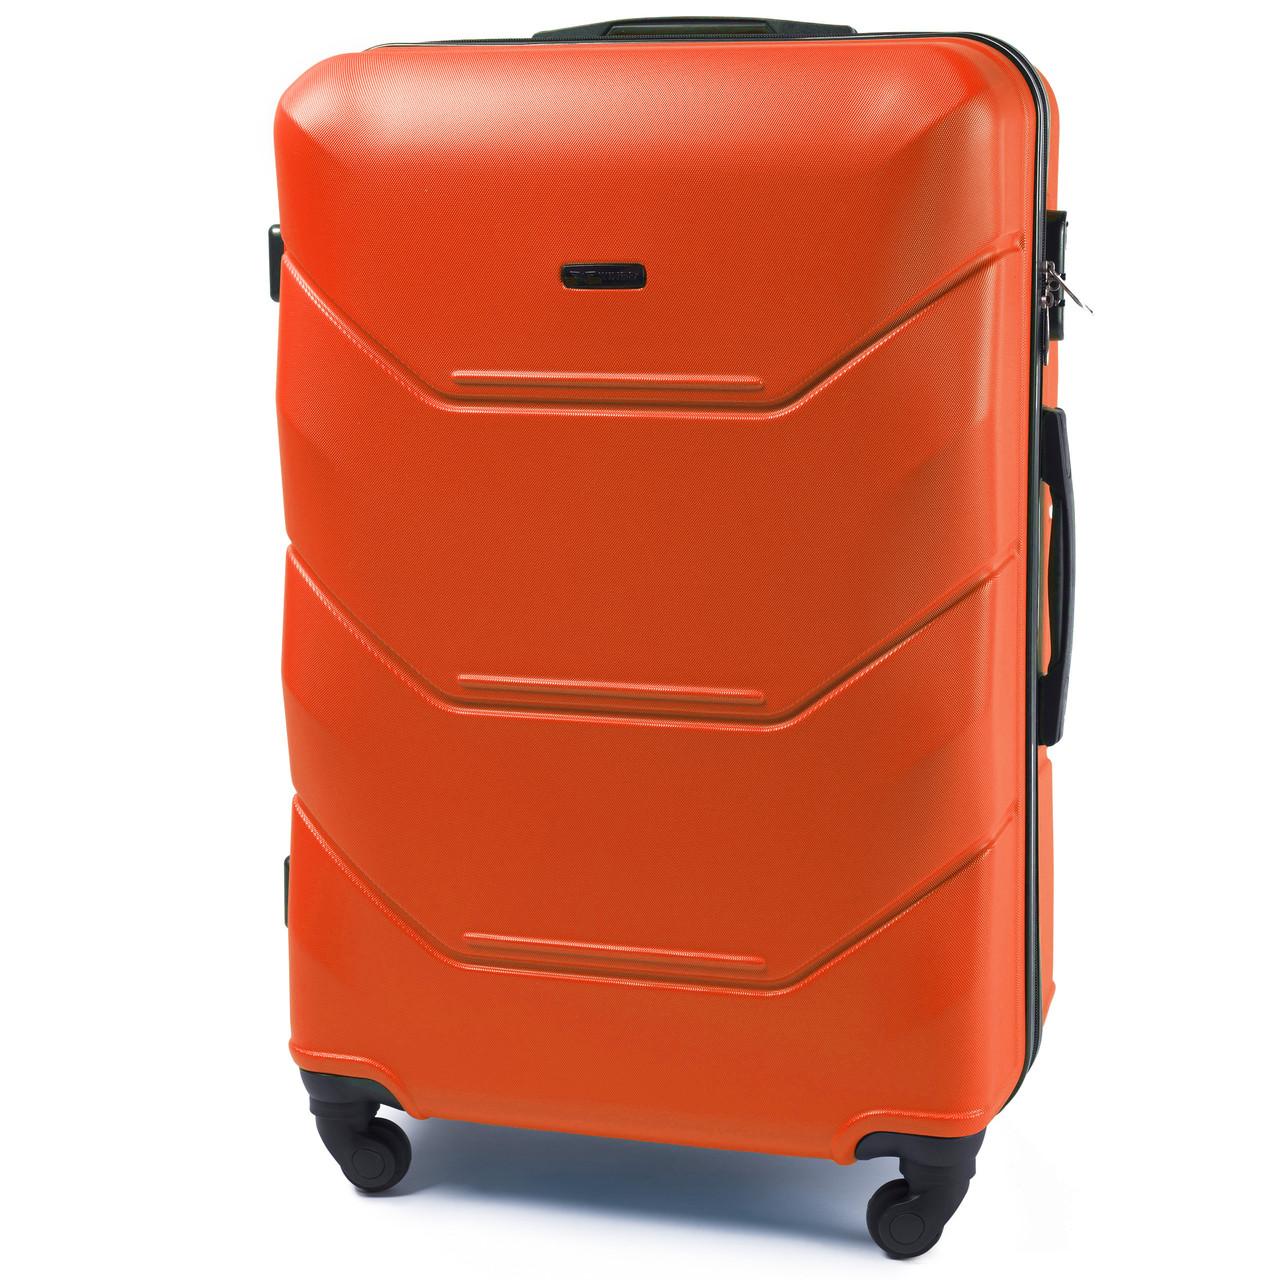 Малый пластиковый чемодан Wings 147 на 4 колесах оранжевый